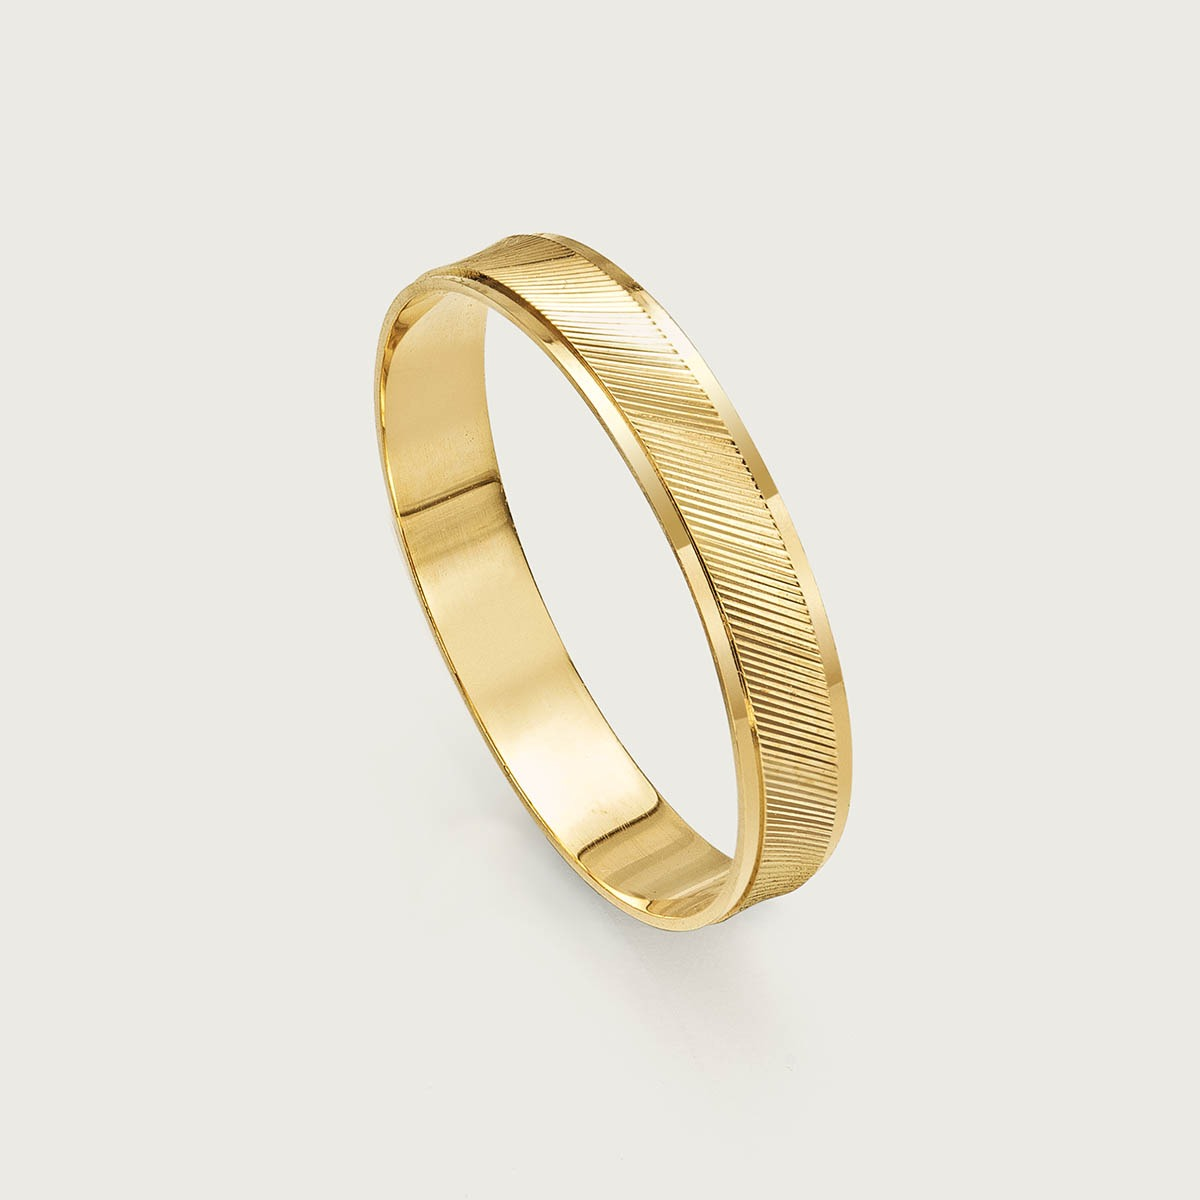 93bb89b8a50 Aliança De Noivado Ou Casamento Em Ouro 18k ( 750 ). - R  351